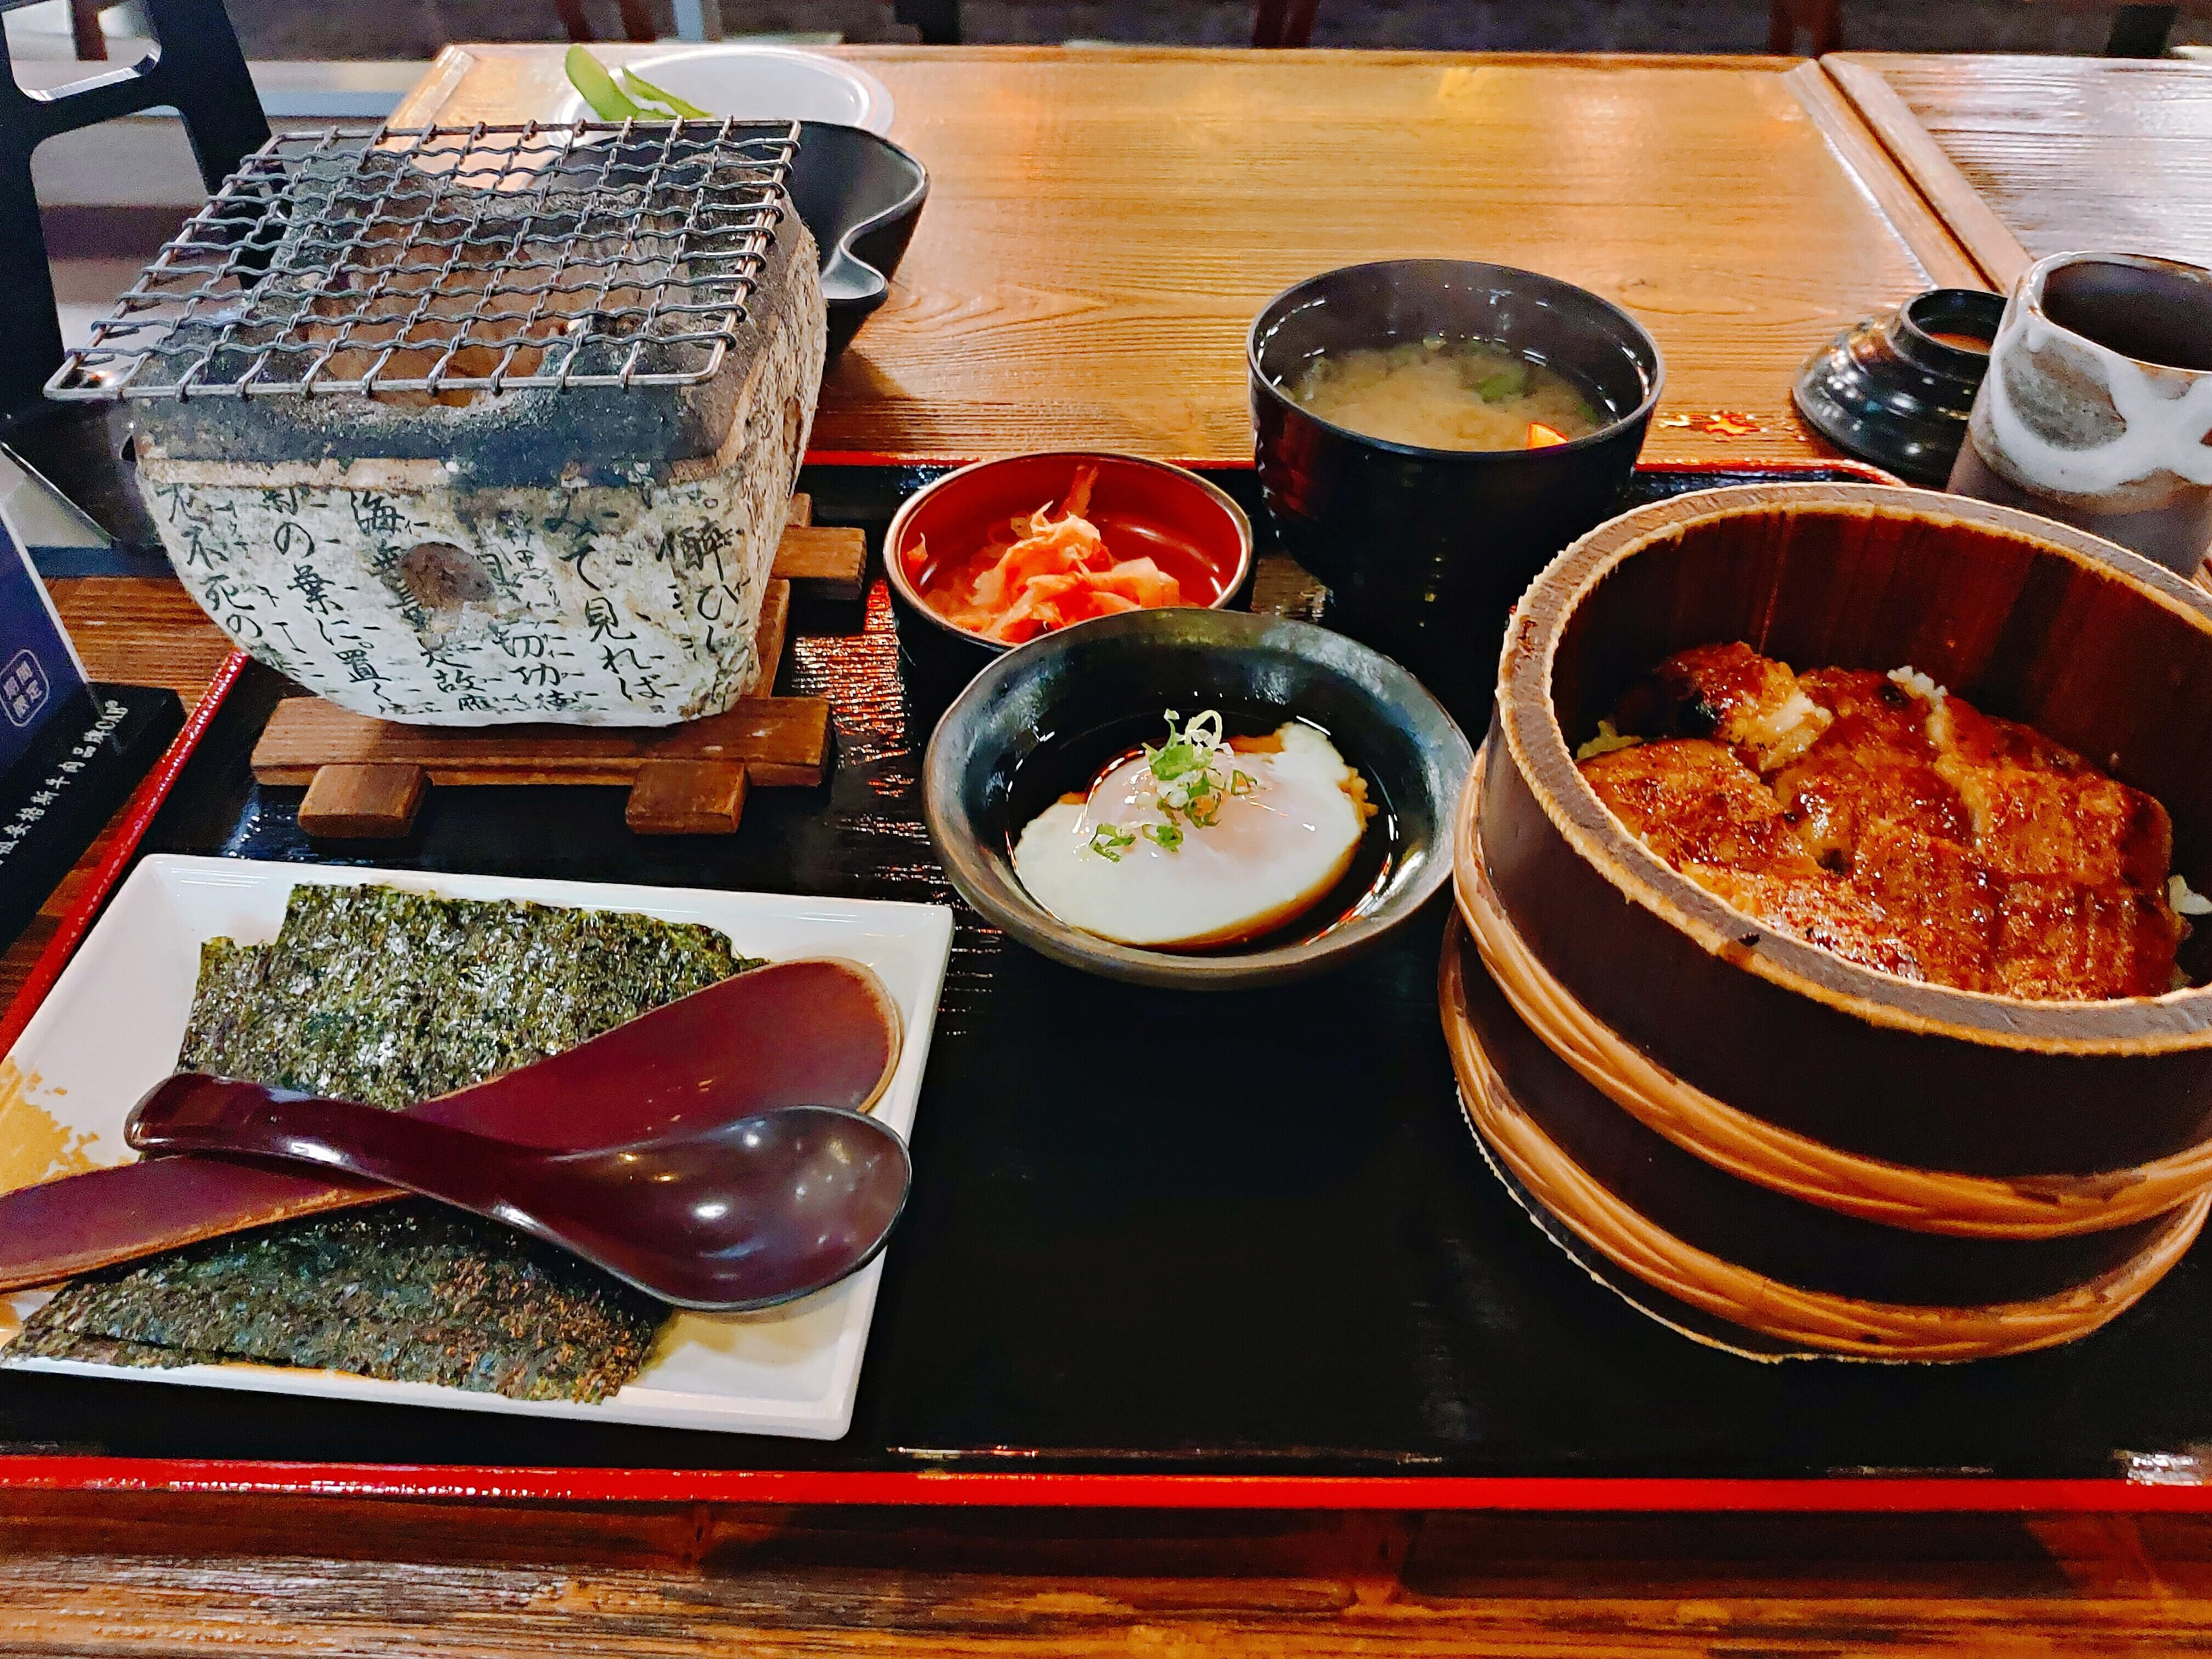 【台中美食】大江戶町鰻屋–綿密可口的鰻魚飯與脆脆的海苔包鰻